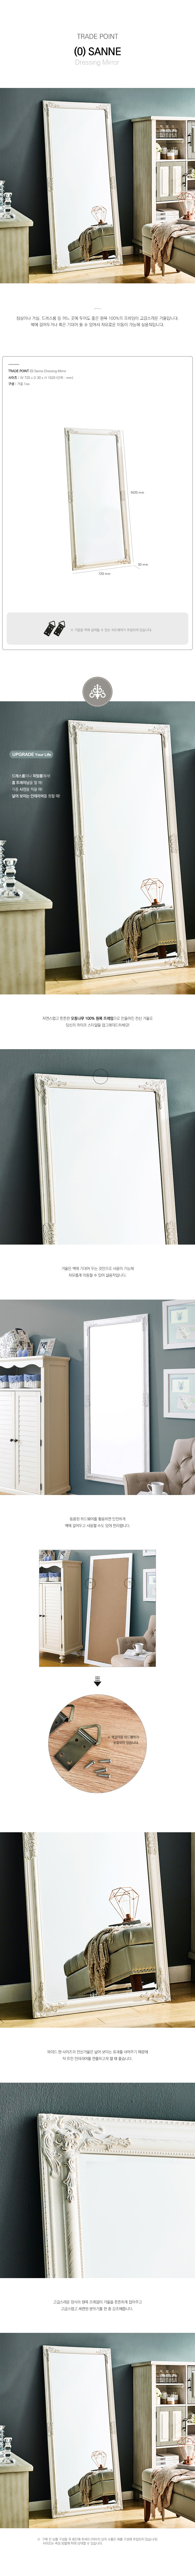 (0)-Sanne-Wall-Mirror_181127.jpg